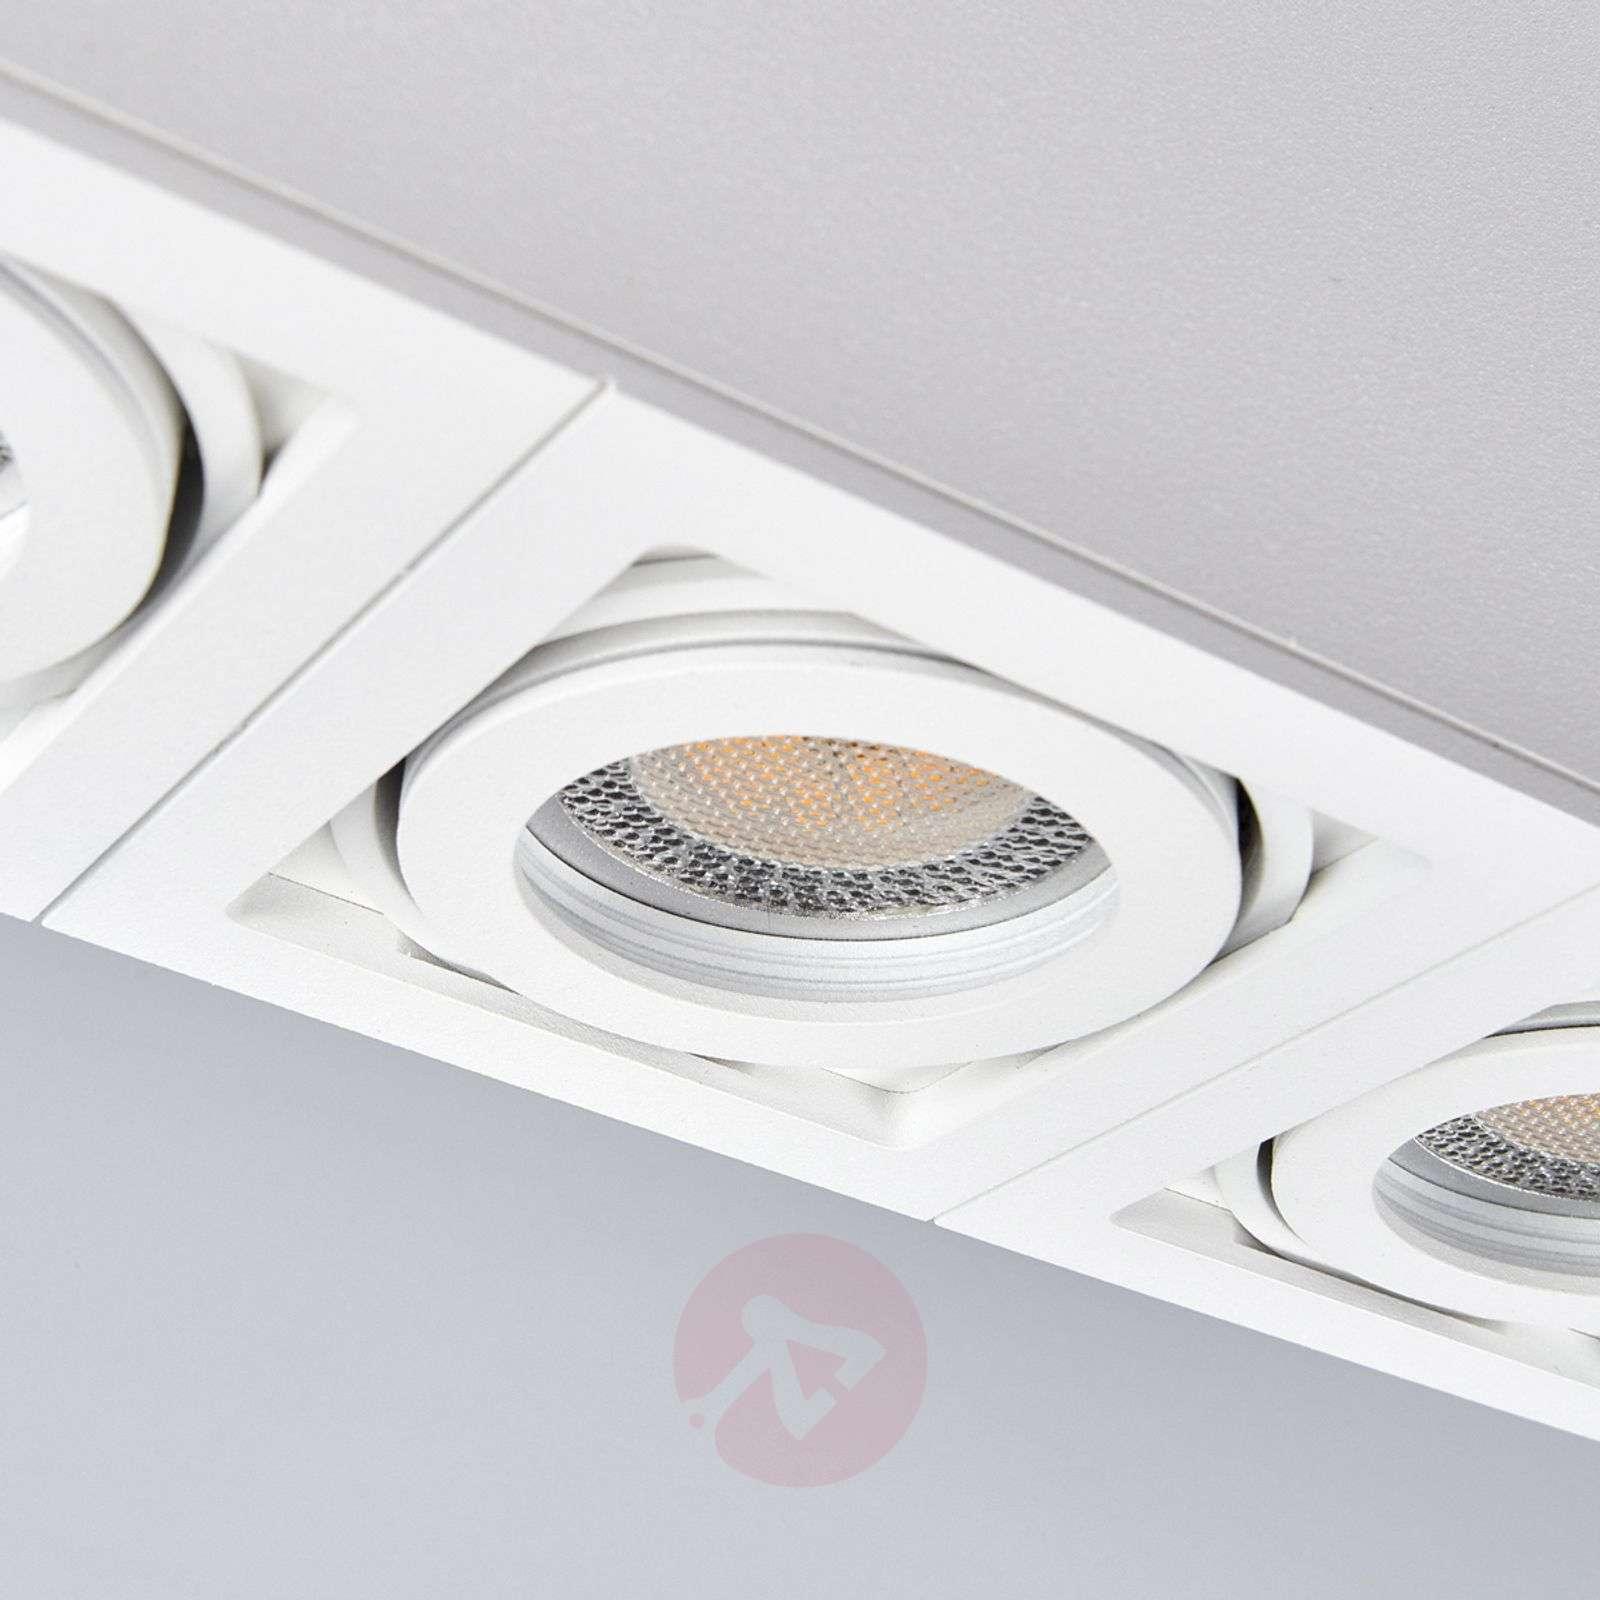 LIGHT BOX 3-kattospotti-3023040X-01